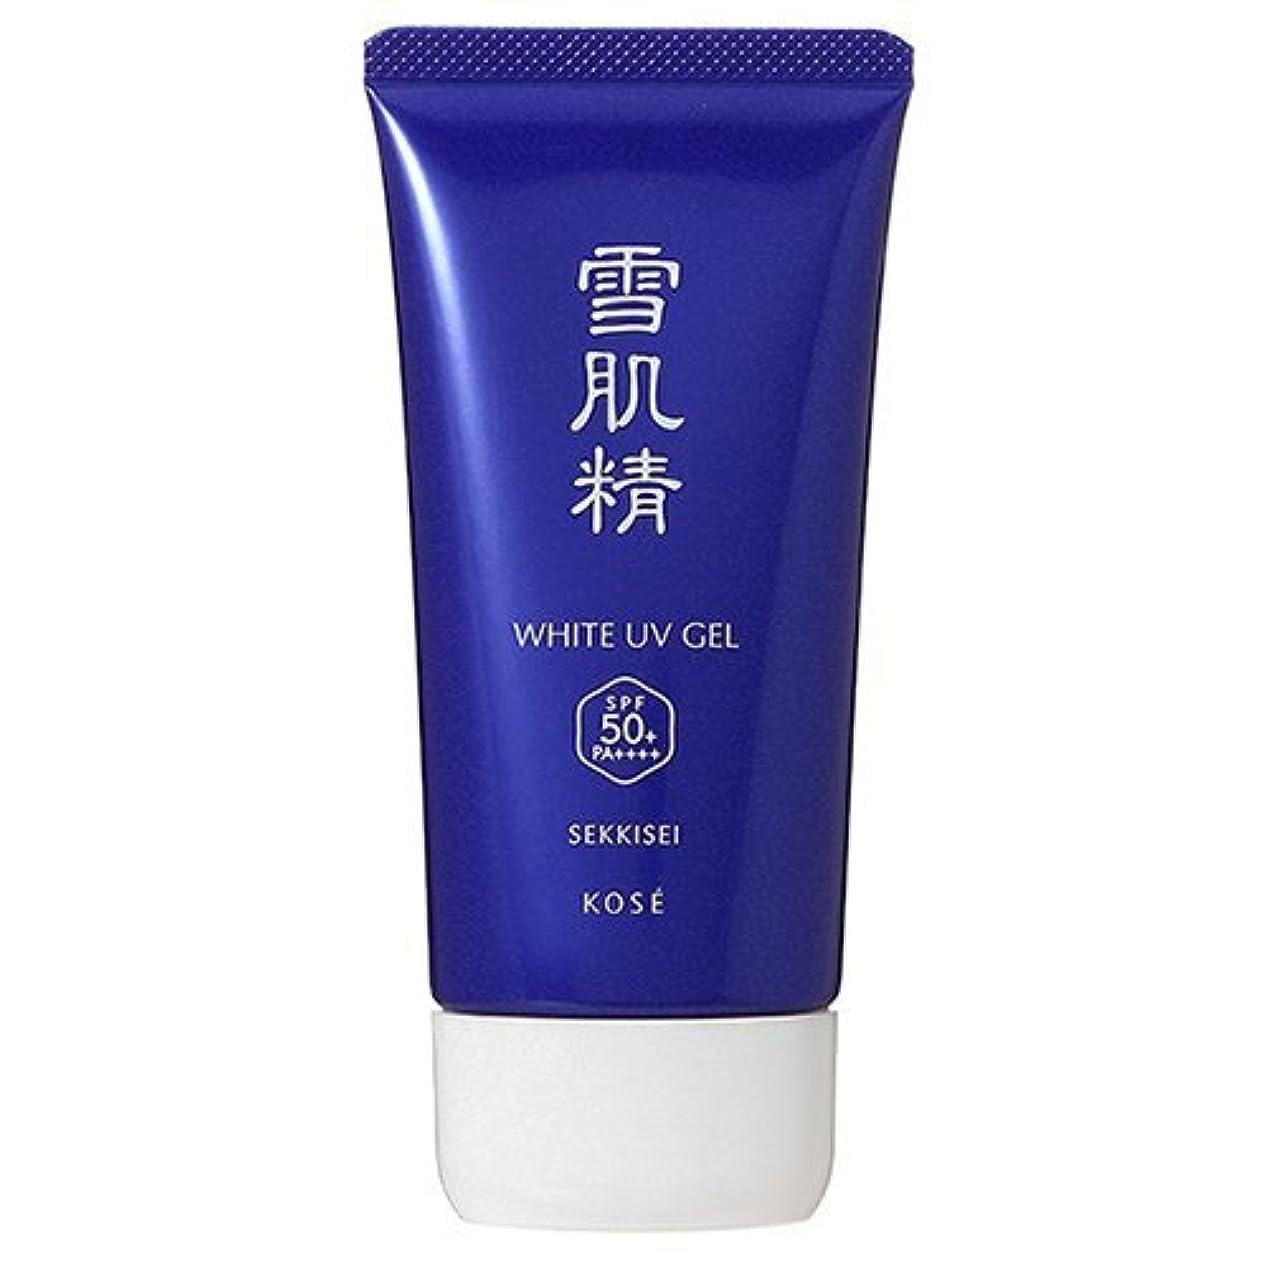 オーバーヘッド非行ブレイズコーセー 雪肌精 ホワイト UV ジェル SPF50+/PA++++ 80g